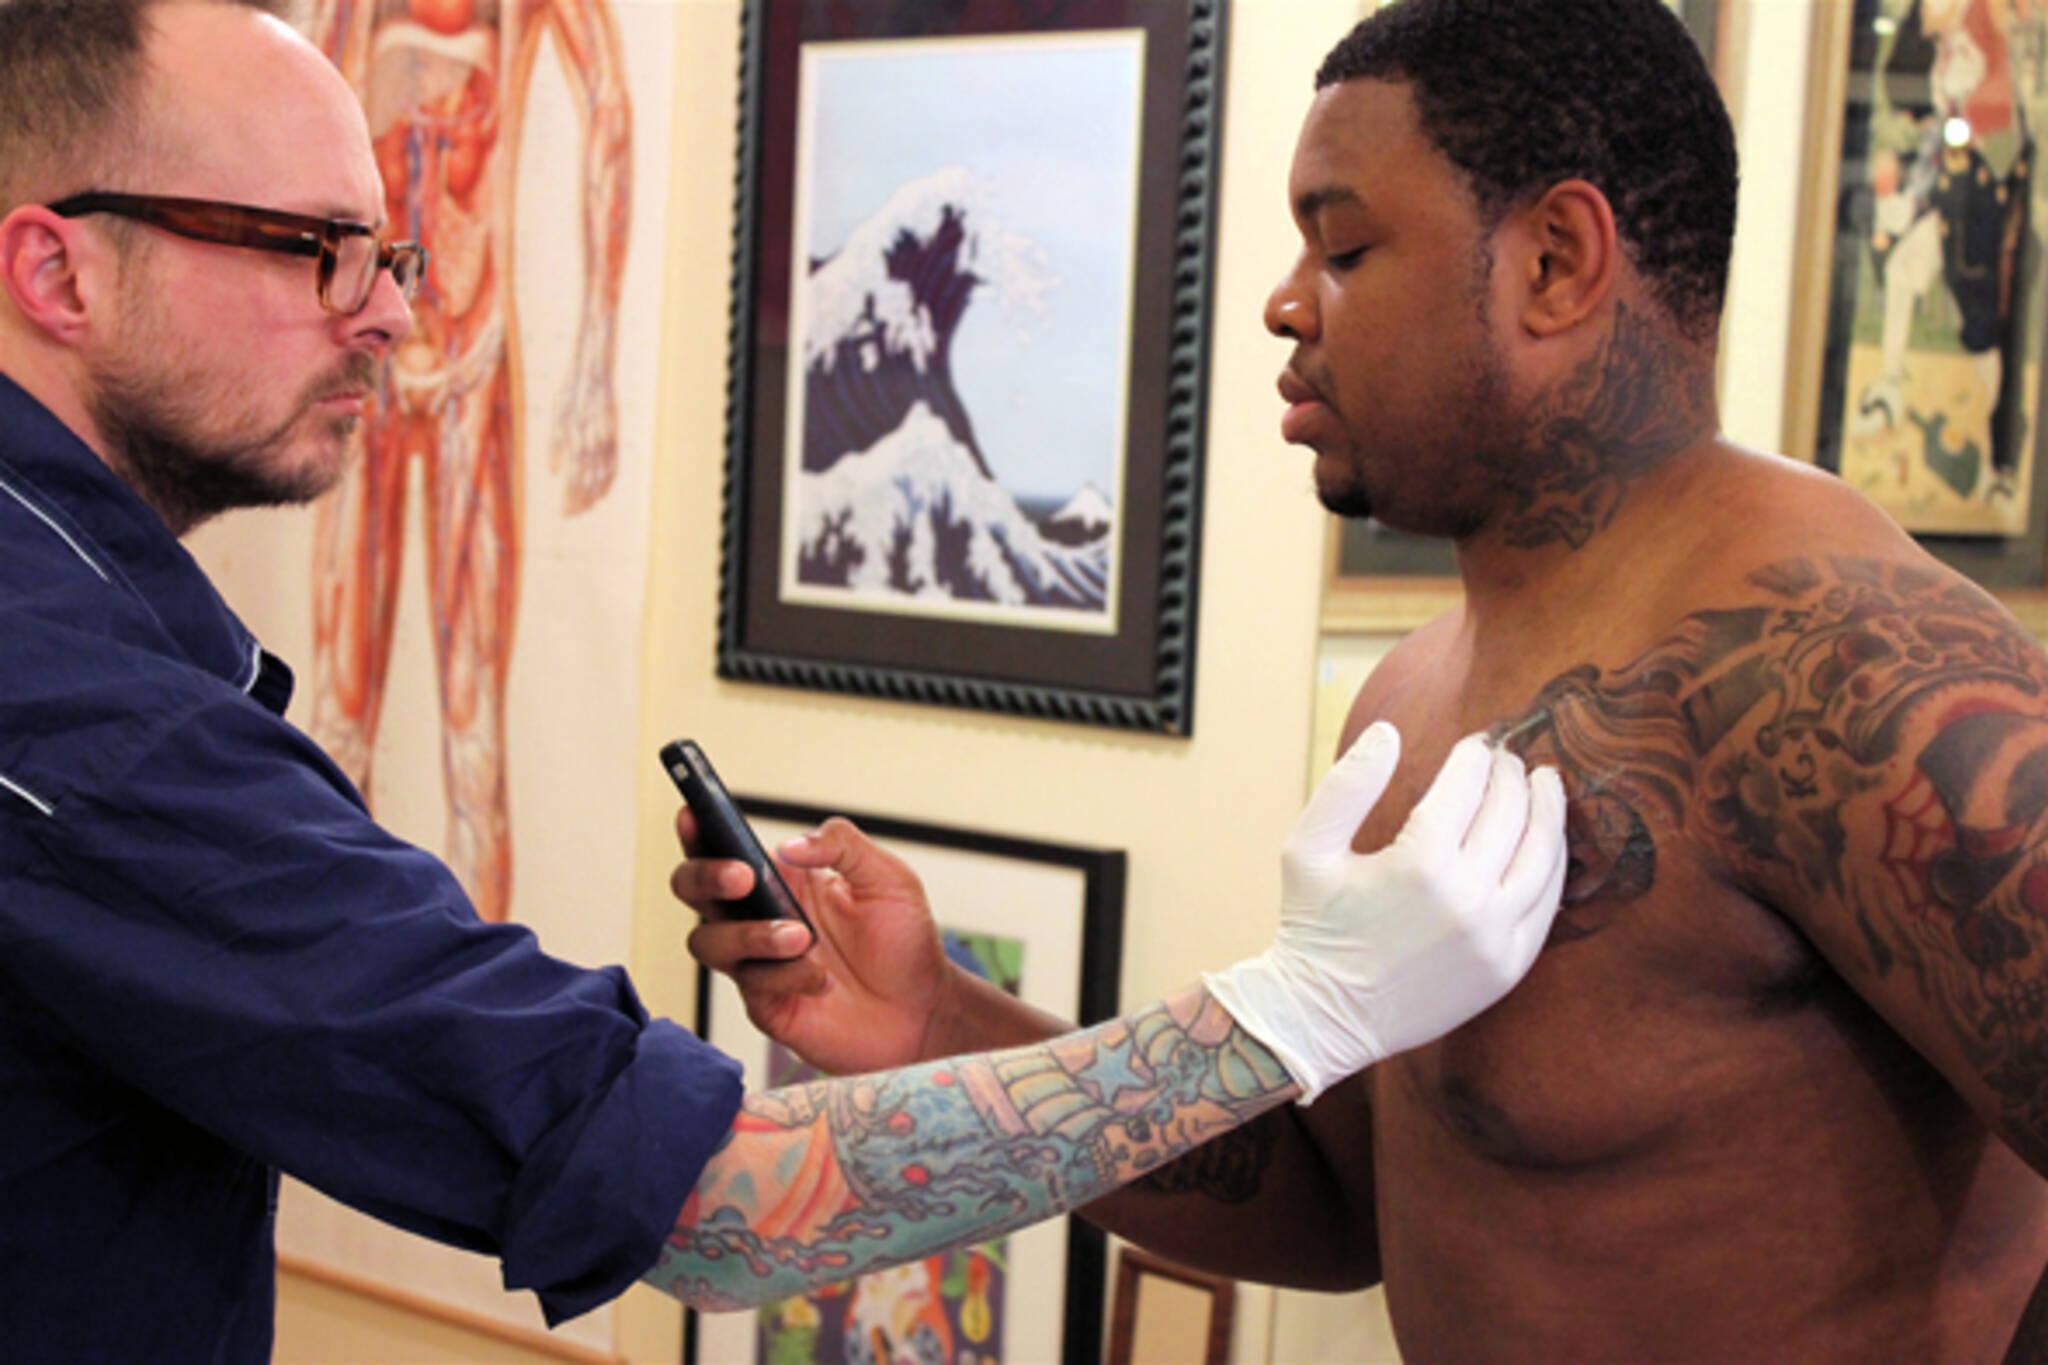 Okey Doke Tattoo Shop